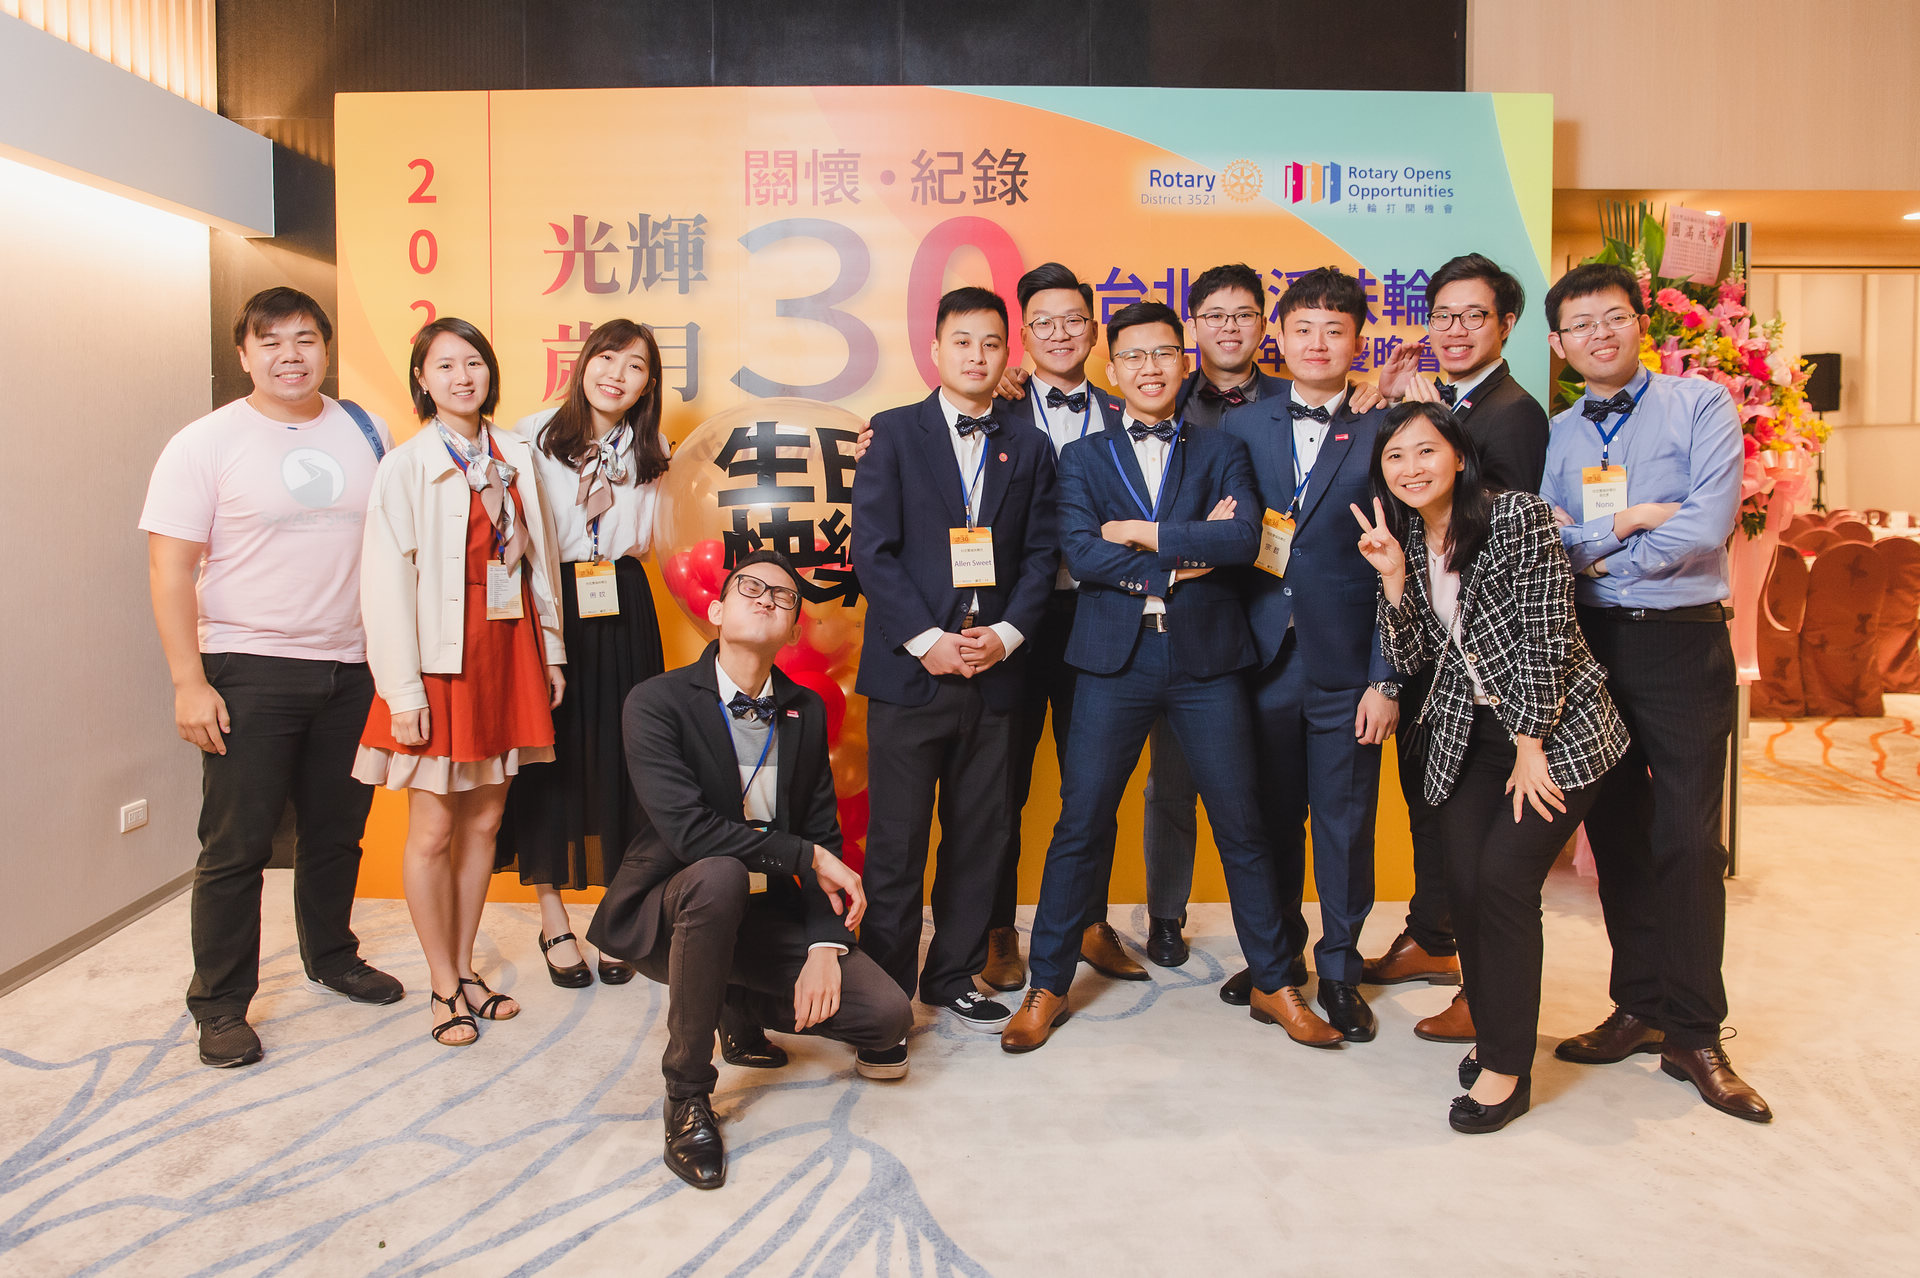 [即拍即印]台北雙溪扶輪社30周年社慶晚會-即時相片